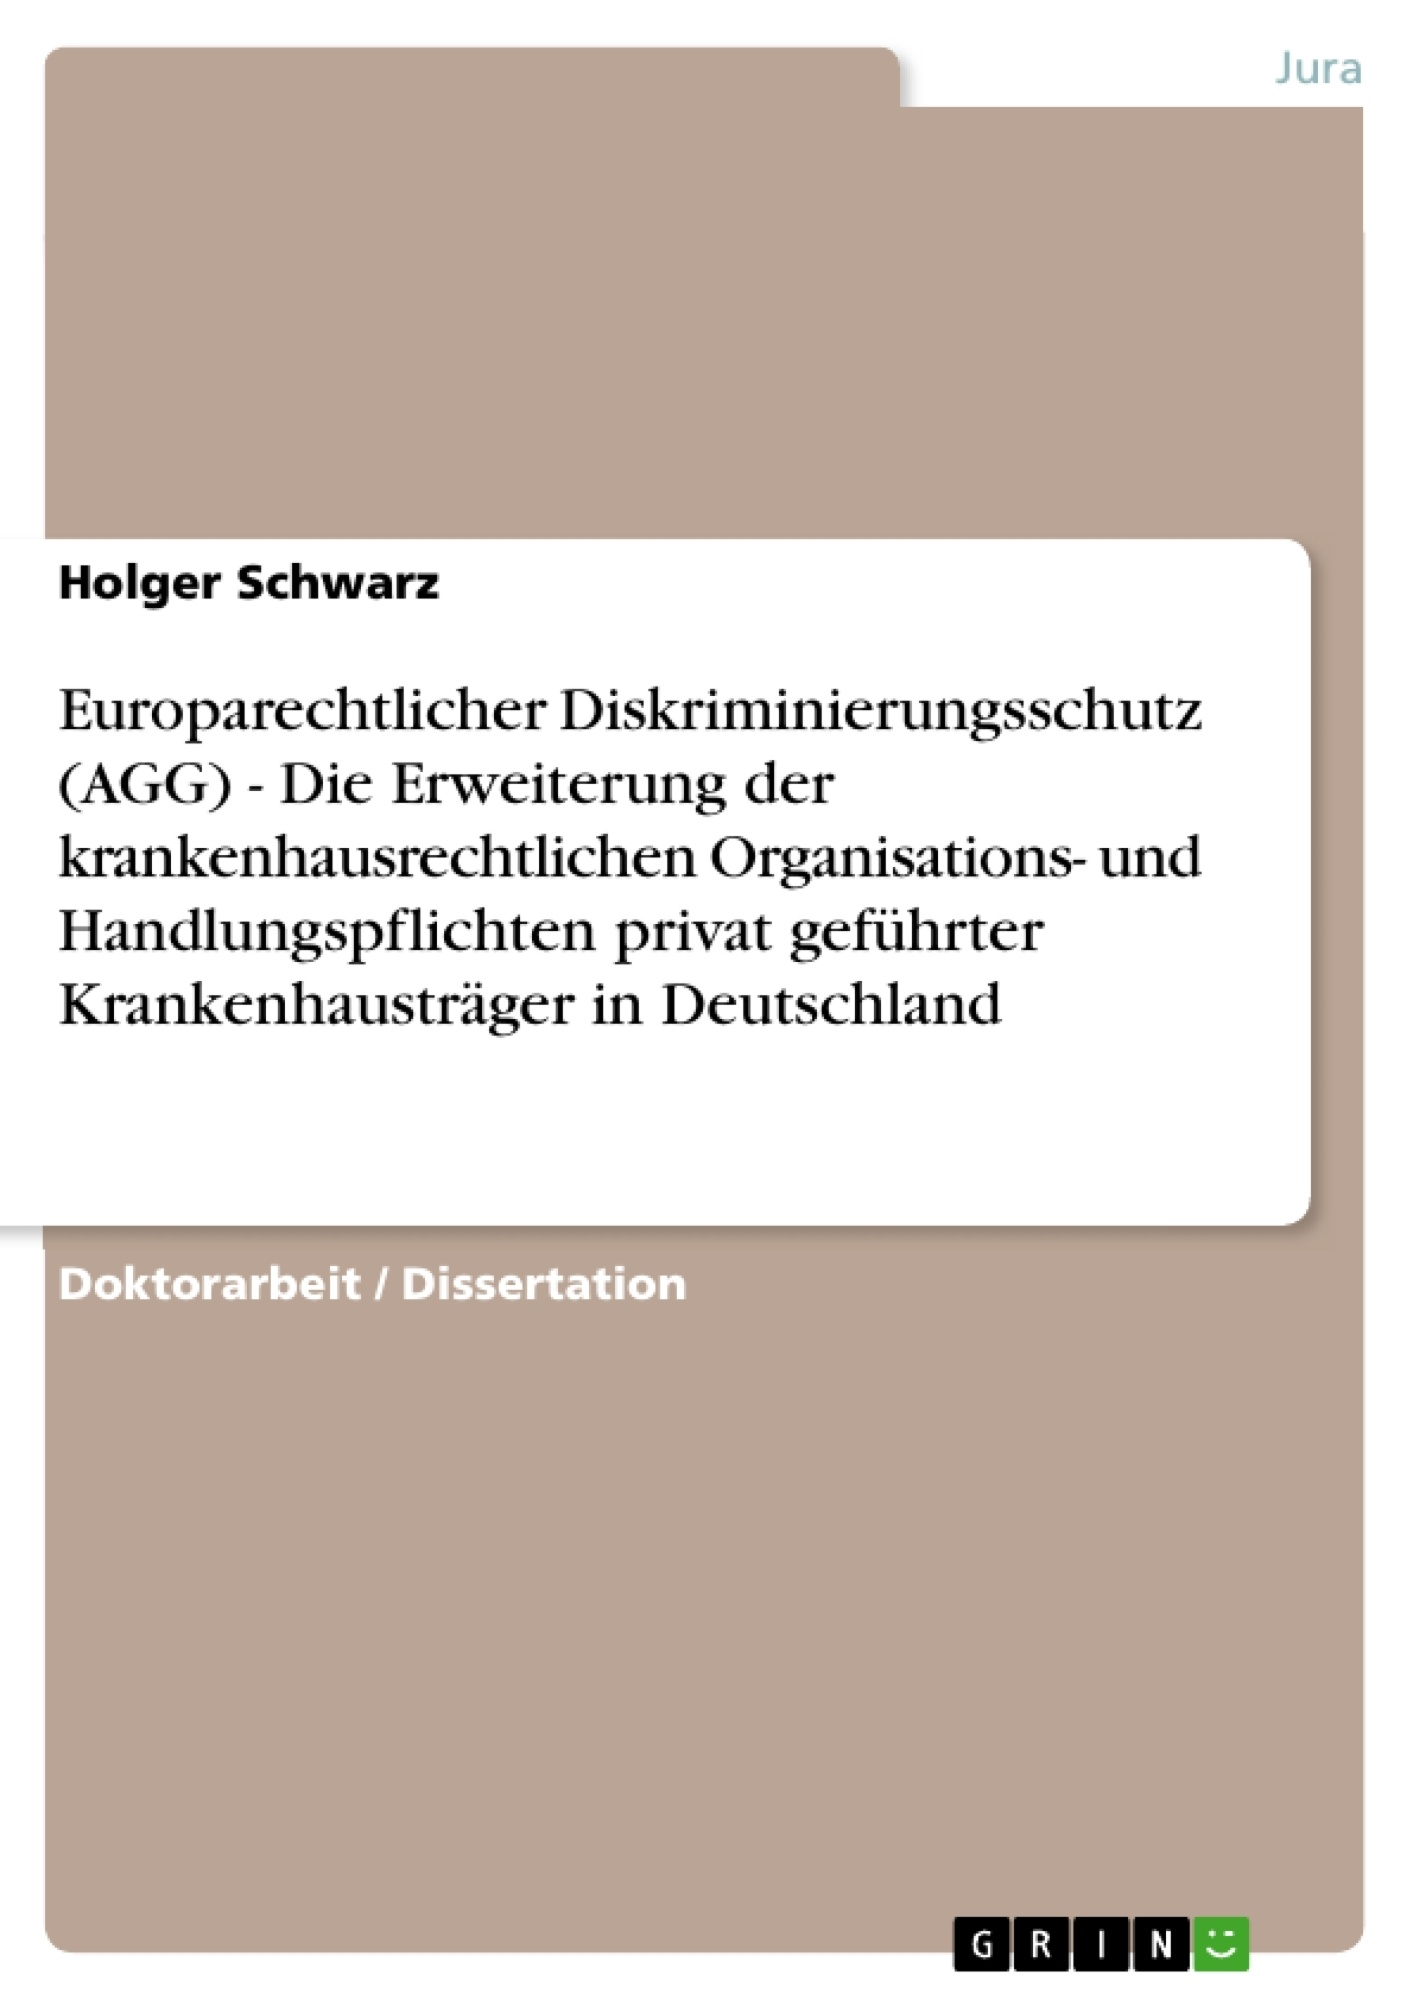 Titel: Europarechtlicher Diskriminierungsschutz (AGG) - Die Erweiterung der krankenhausrechtlichen Organisations- und Handlungspflichten privat geführter Krankenhausträger in Deutschland